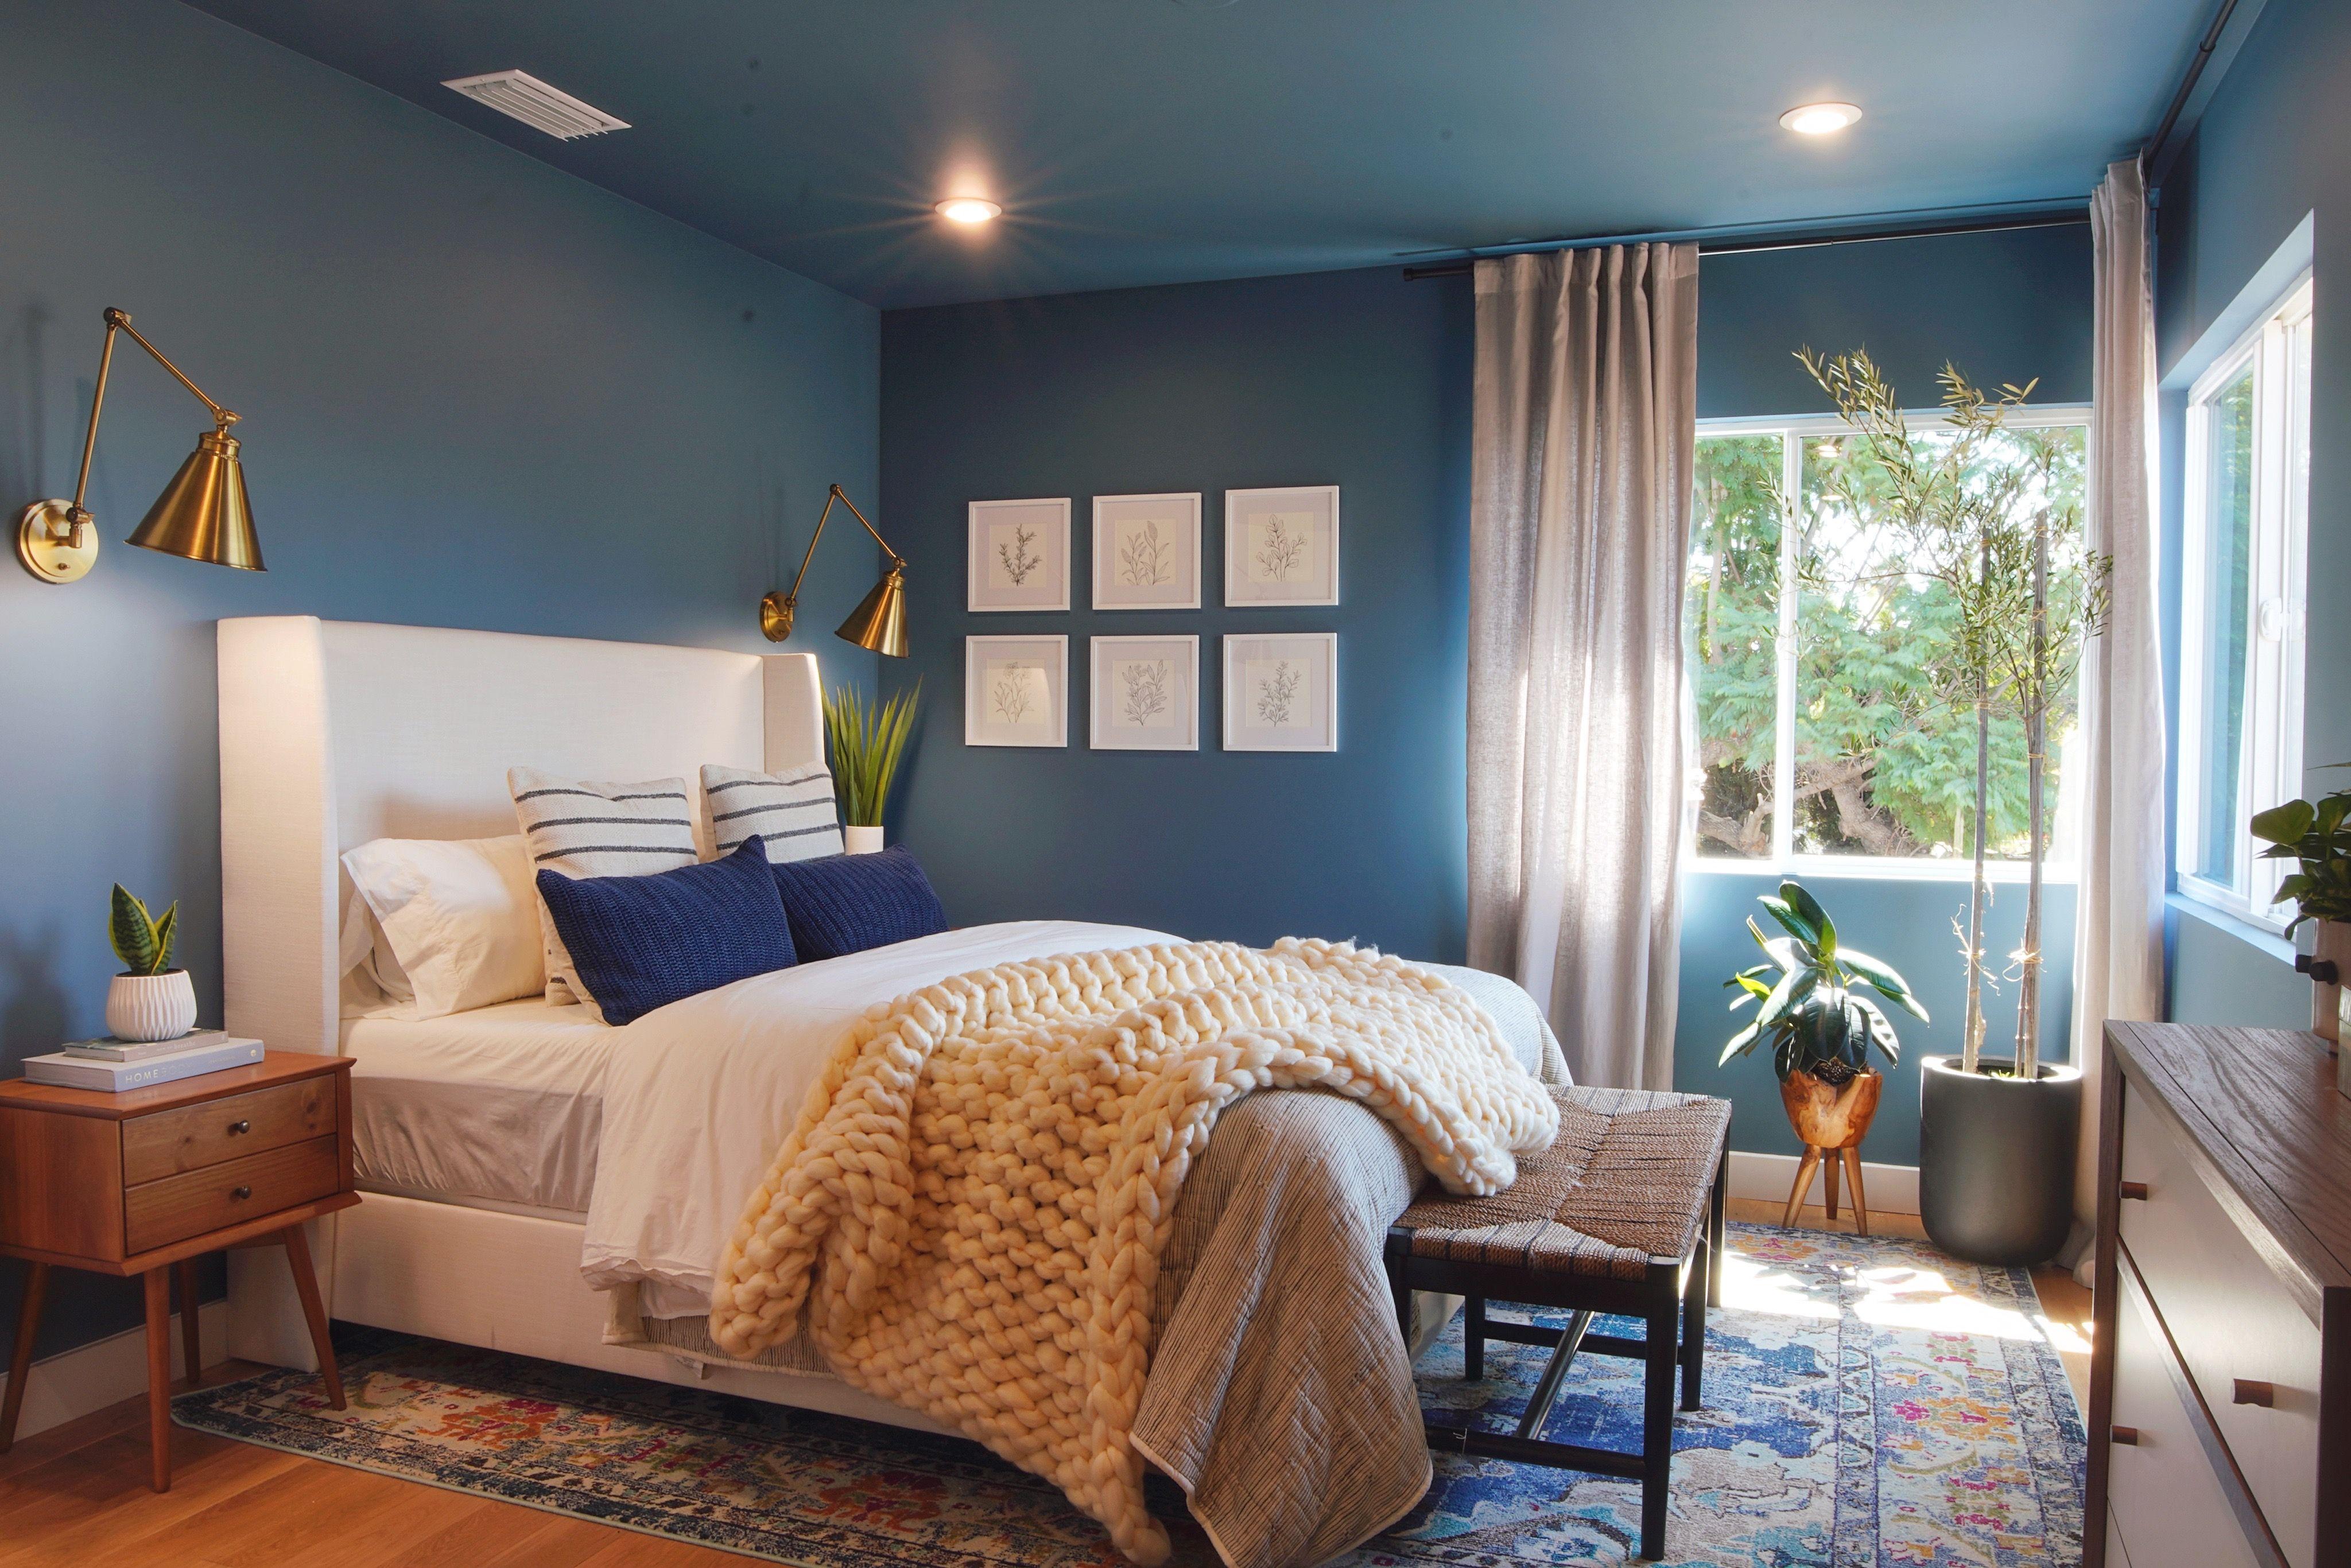 20 Best Interior Paint Brands 2021 Reviews Of Top Paints For Indoor Walls